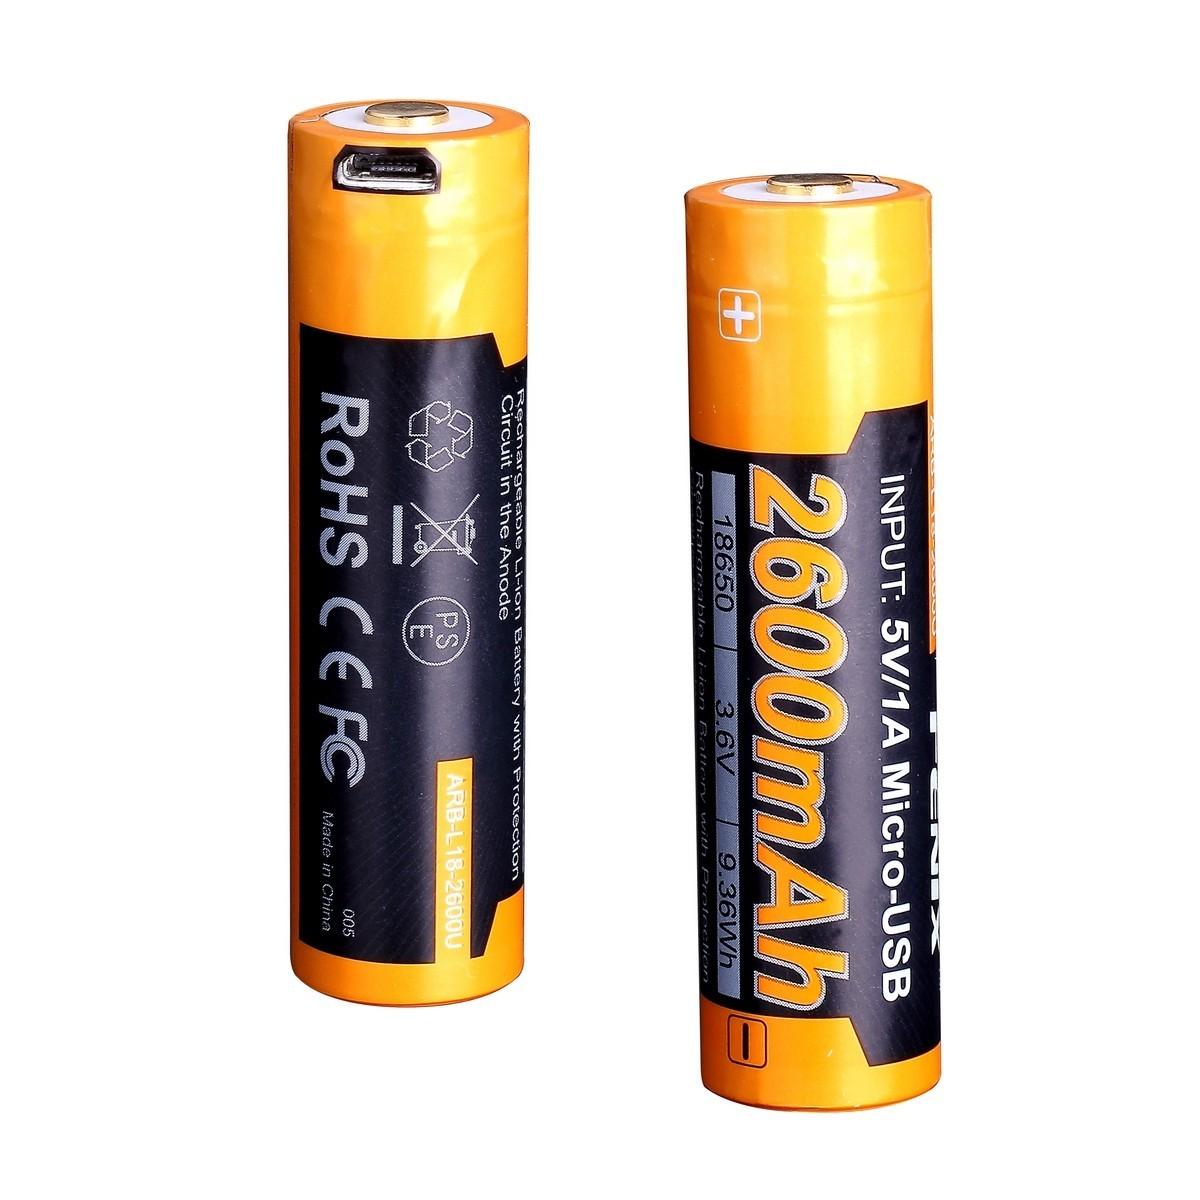 Аккумулятор 18650 Fenix 2600U mAh с разъемом для USB аккумулятор